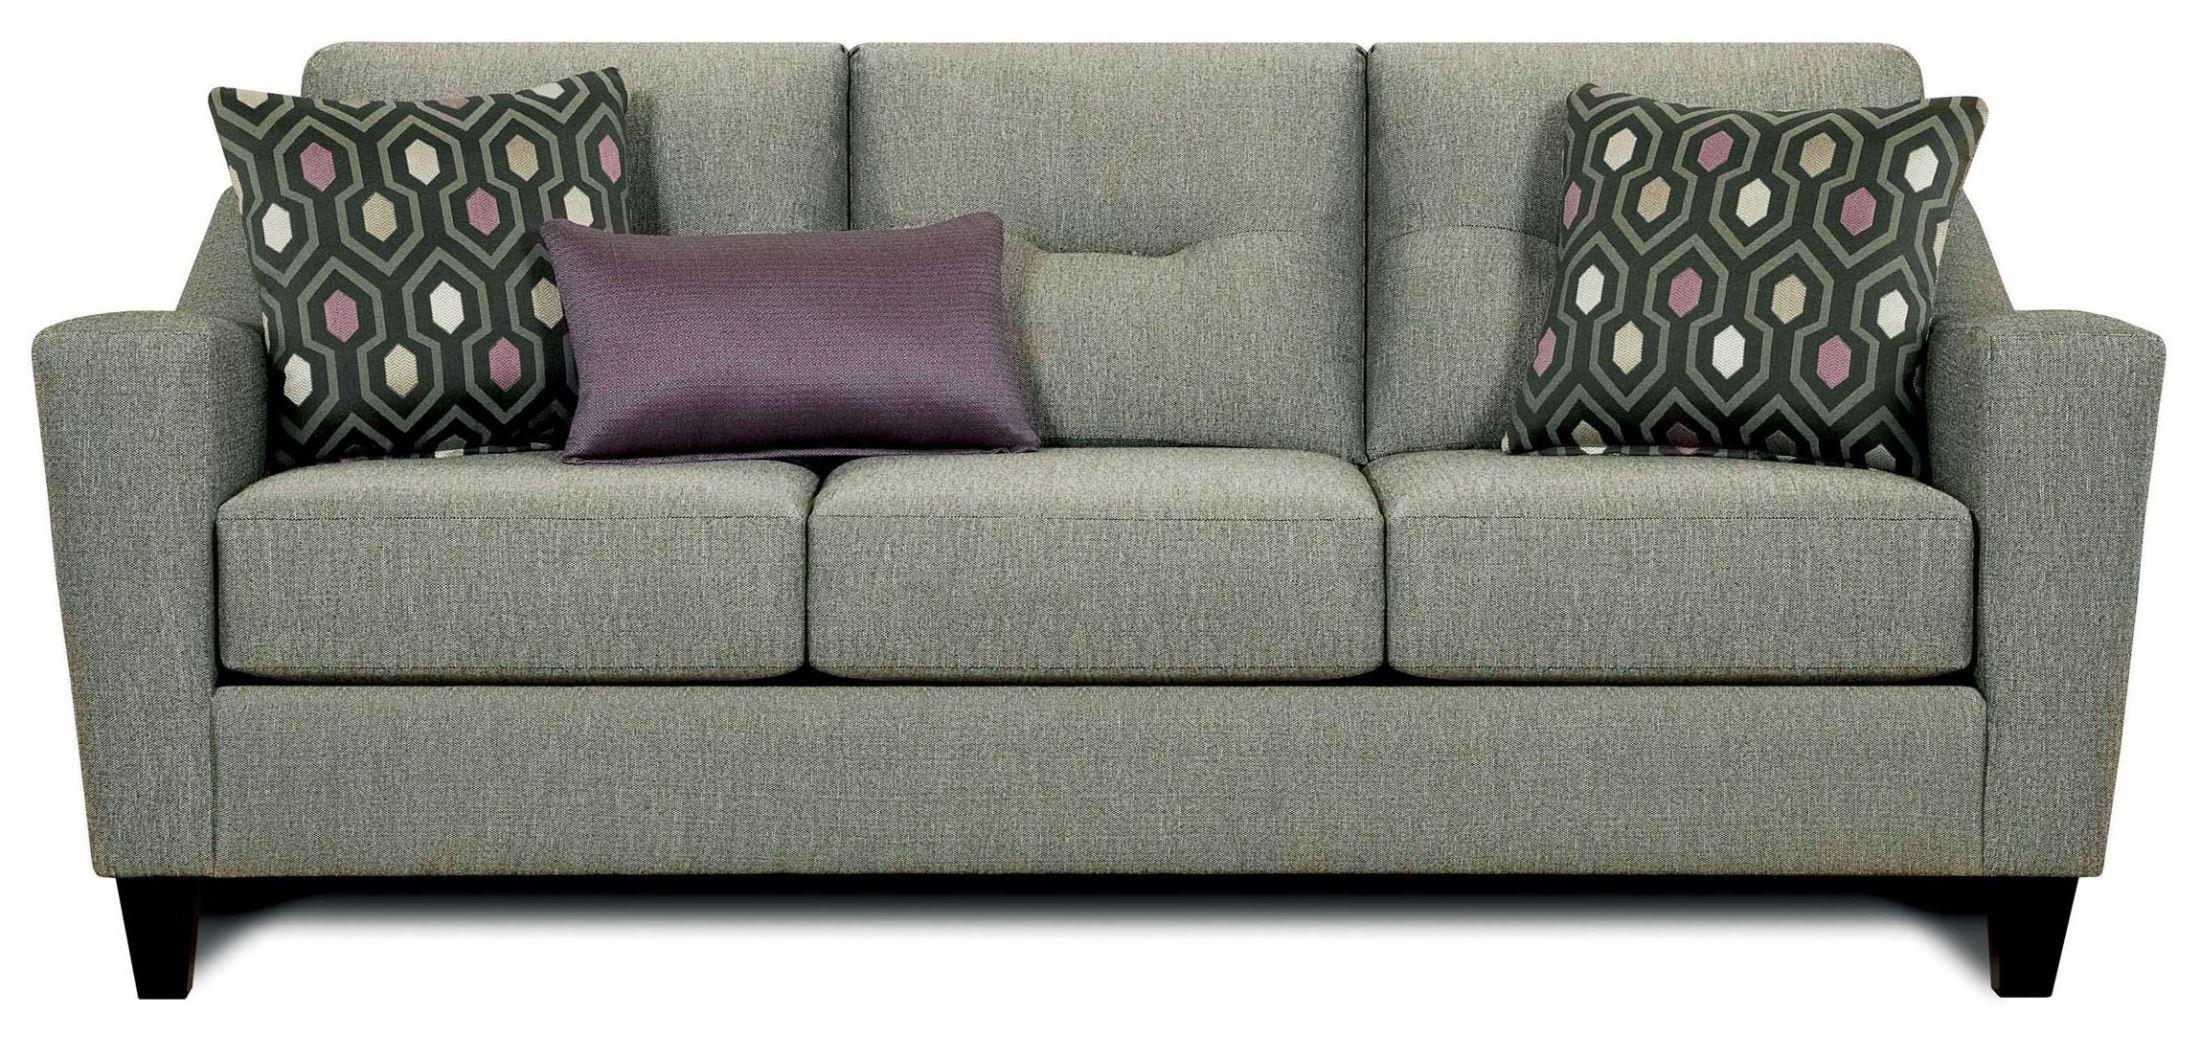 Coltrane Gray Fabric Sofa from Furniture of America SM8210 SF